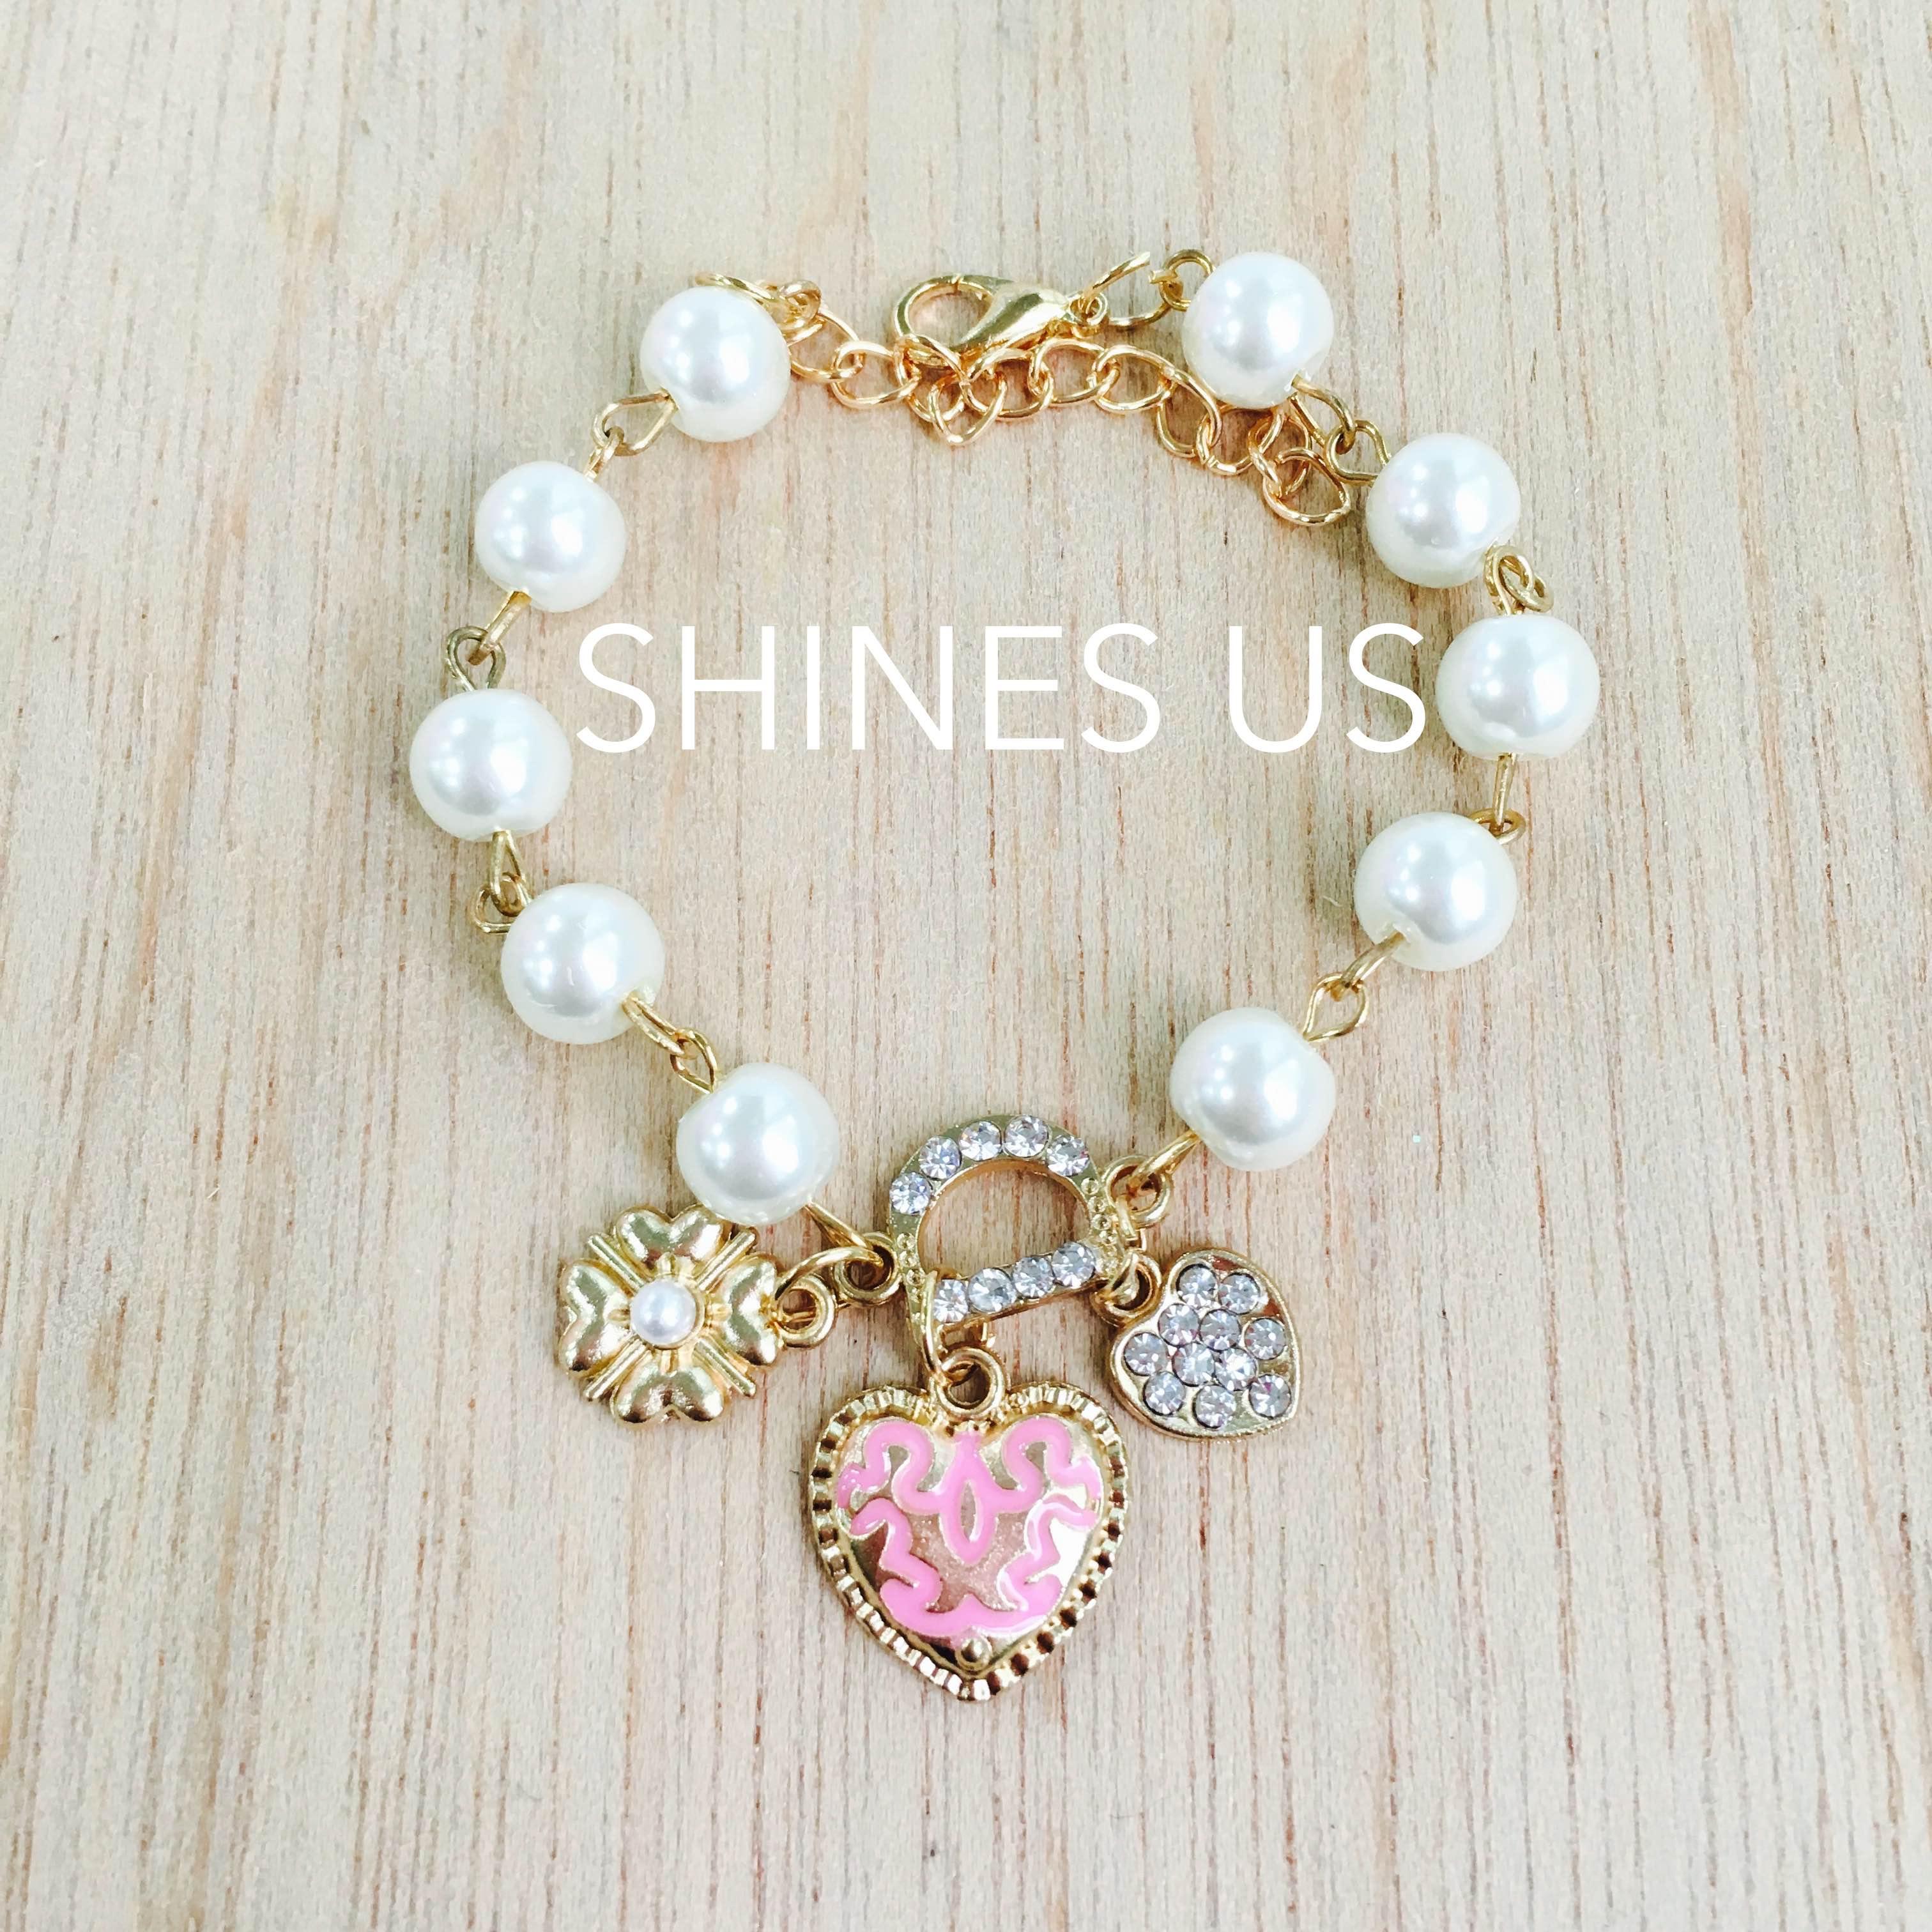 【SHINES US】正韓 珍珠愛心手鍊 手鍊手環